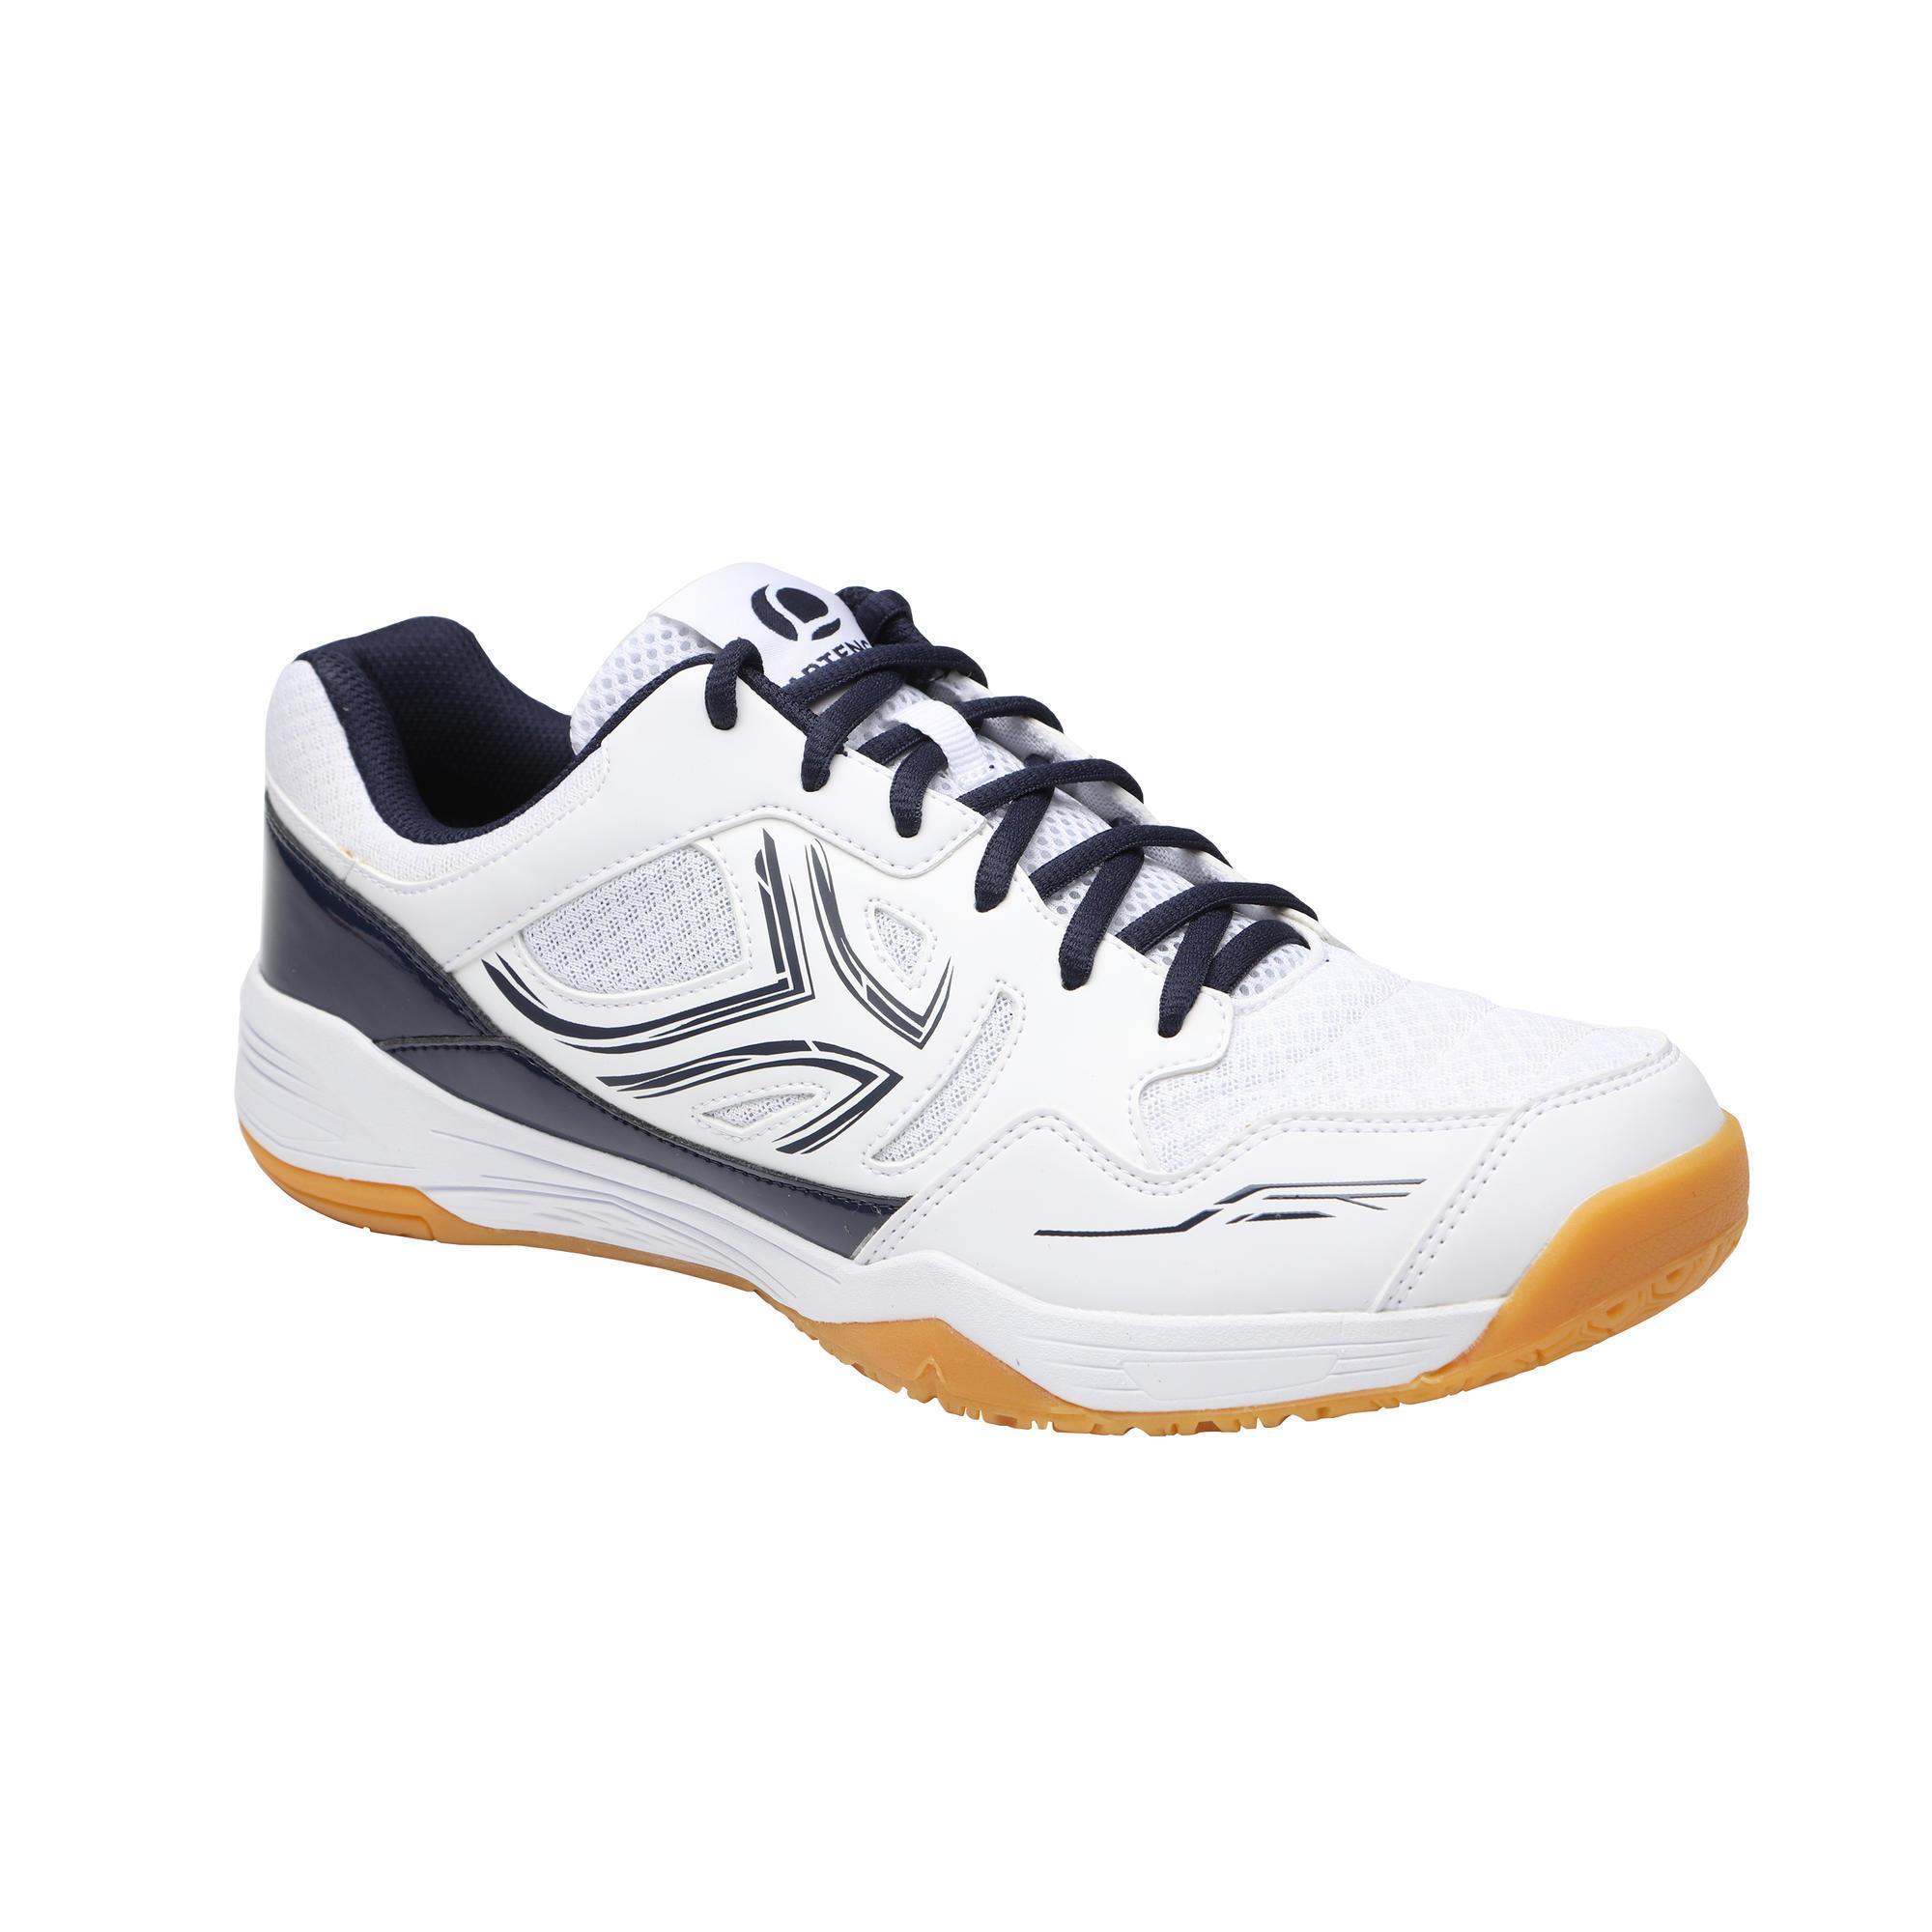 Artengo Badmintonschoenen BS760 - wit/blauw